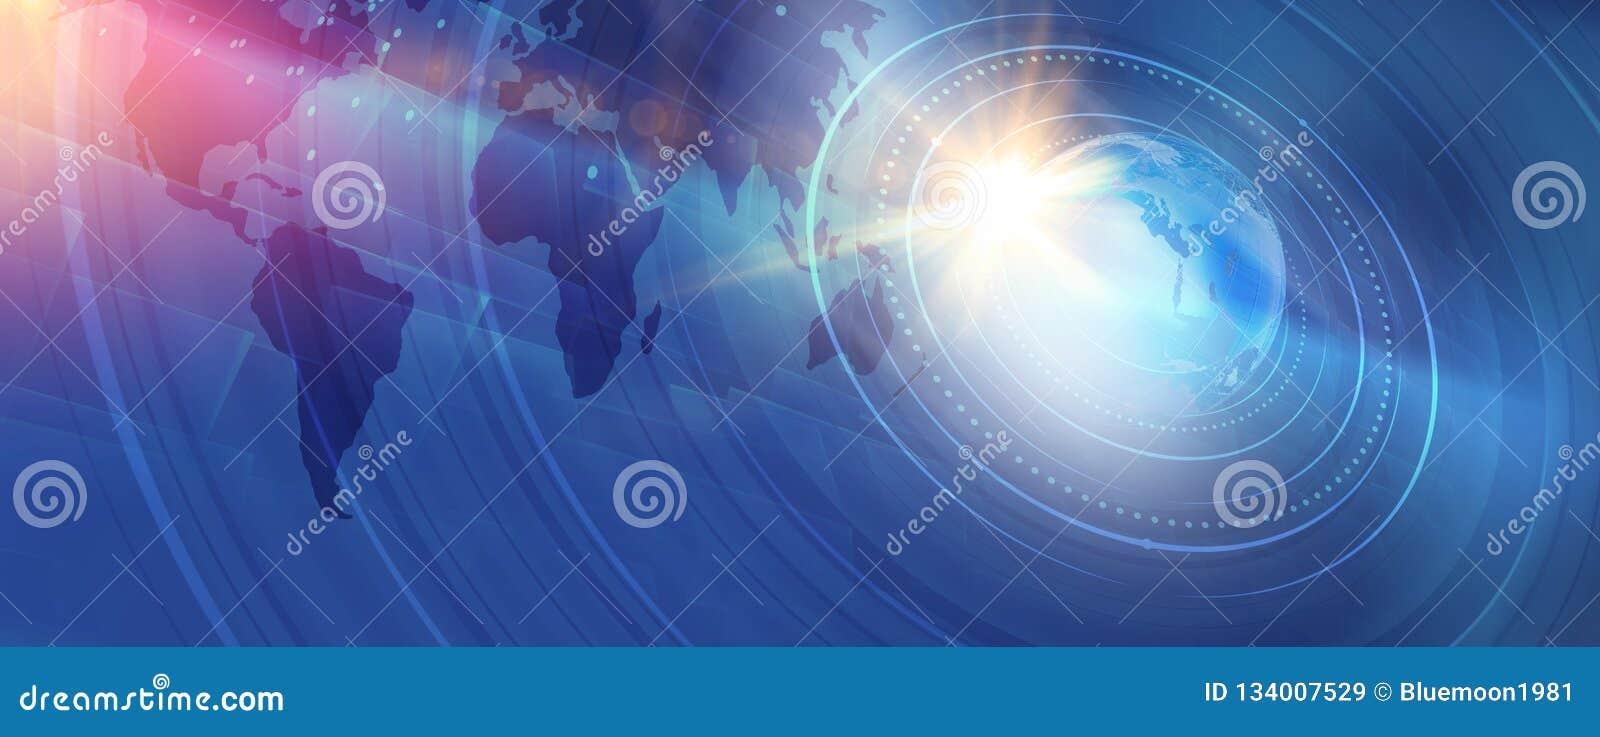 Grafische moderne digitale Weltnachrichten-Hintergrund Konzept-Reihe